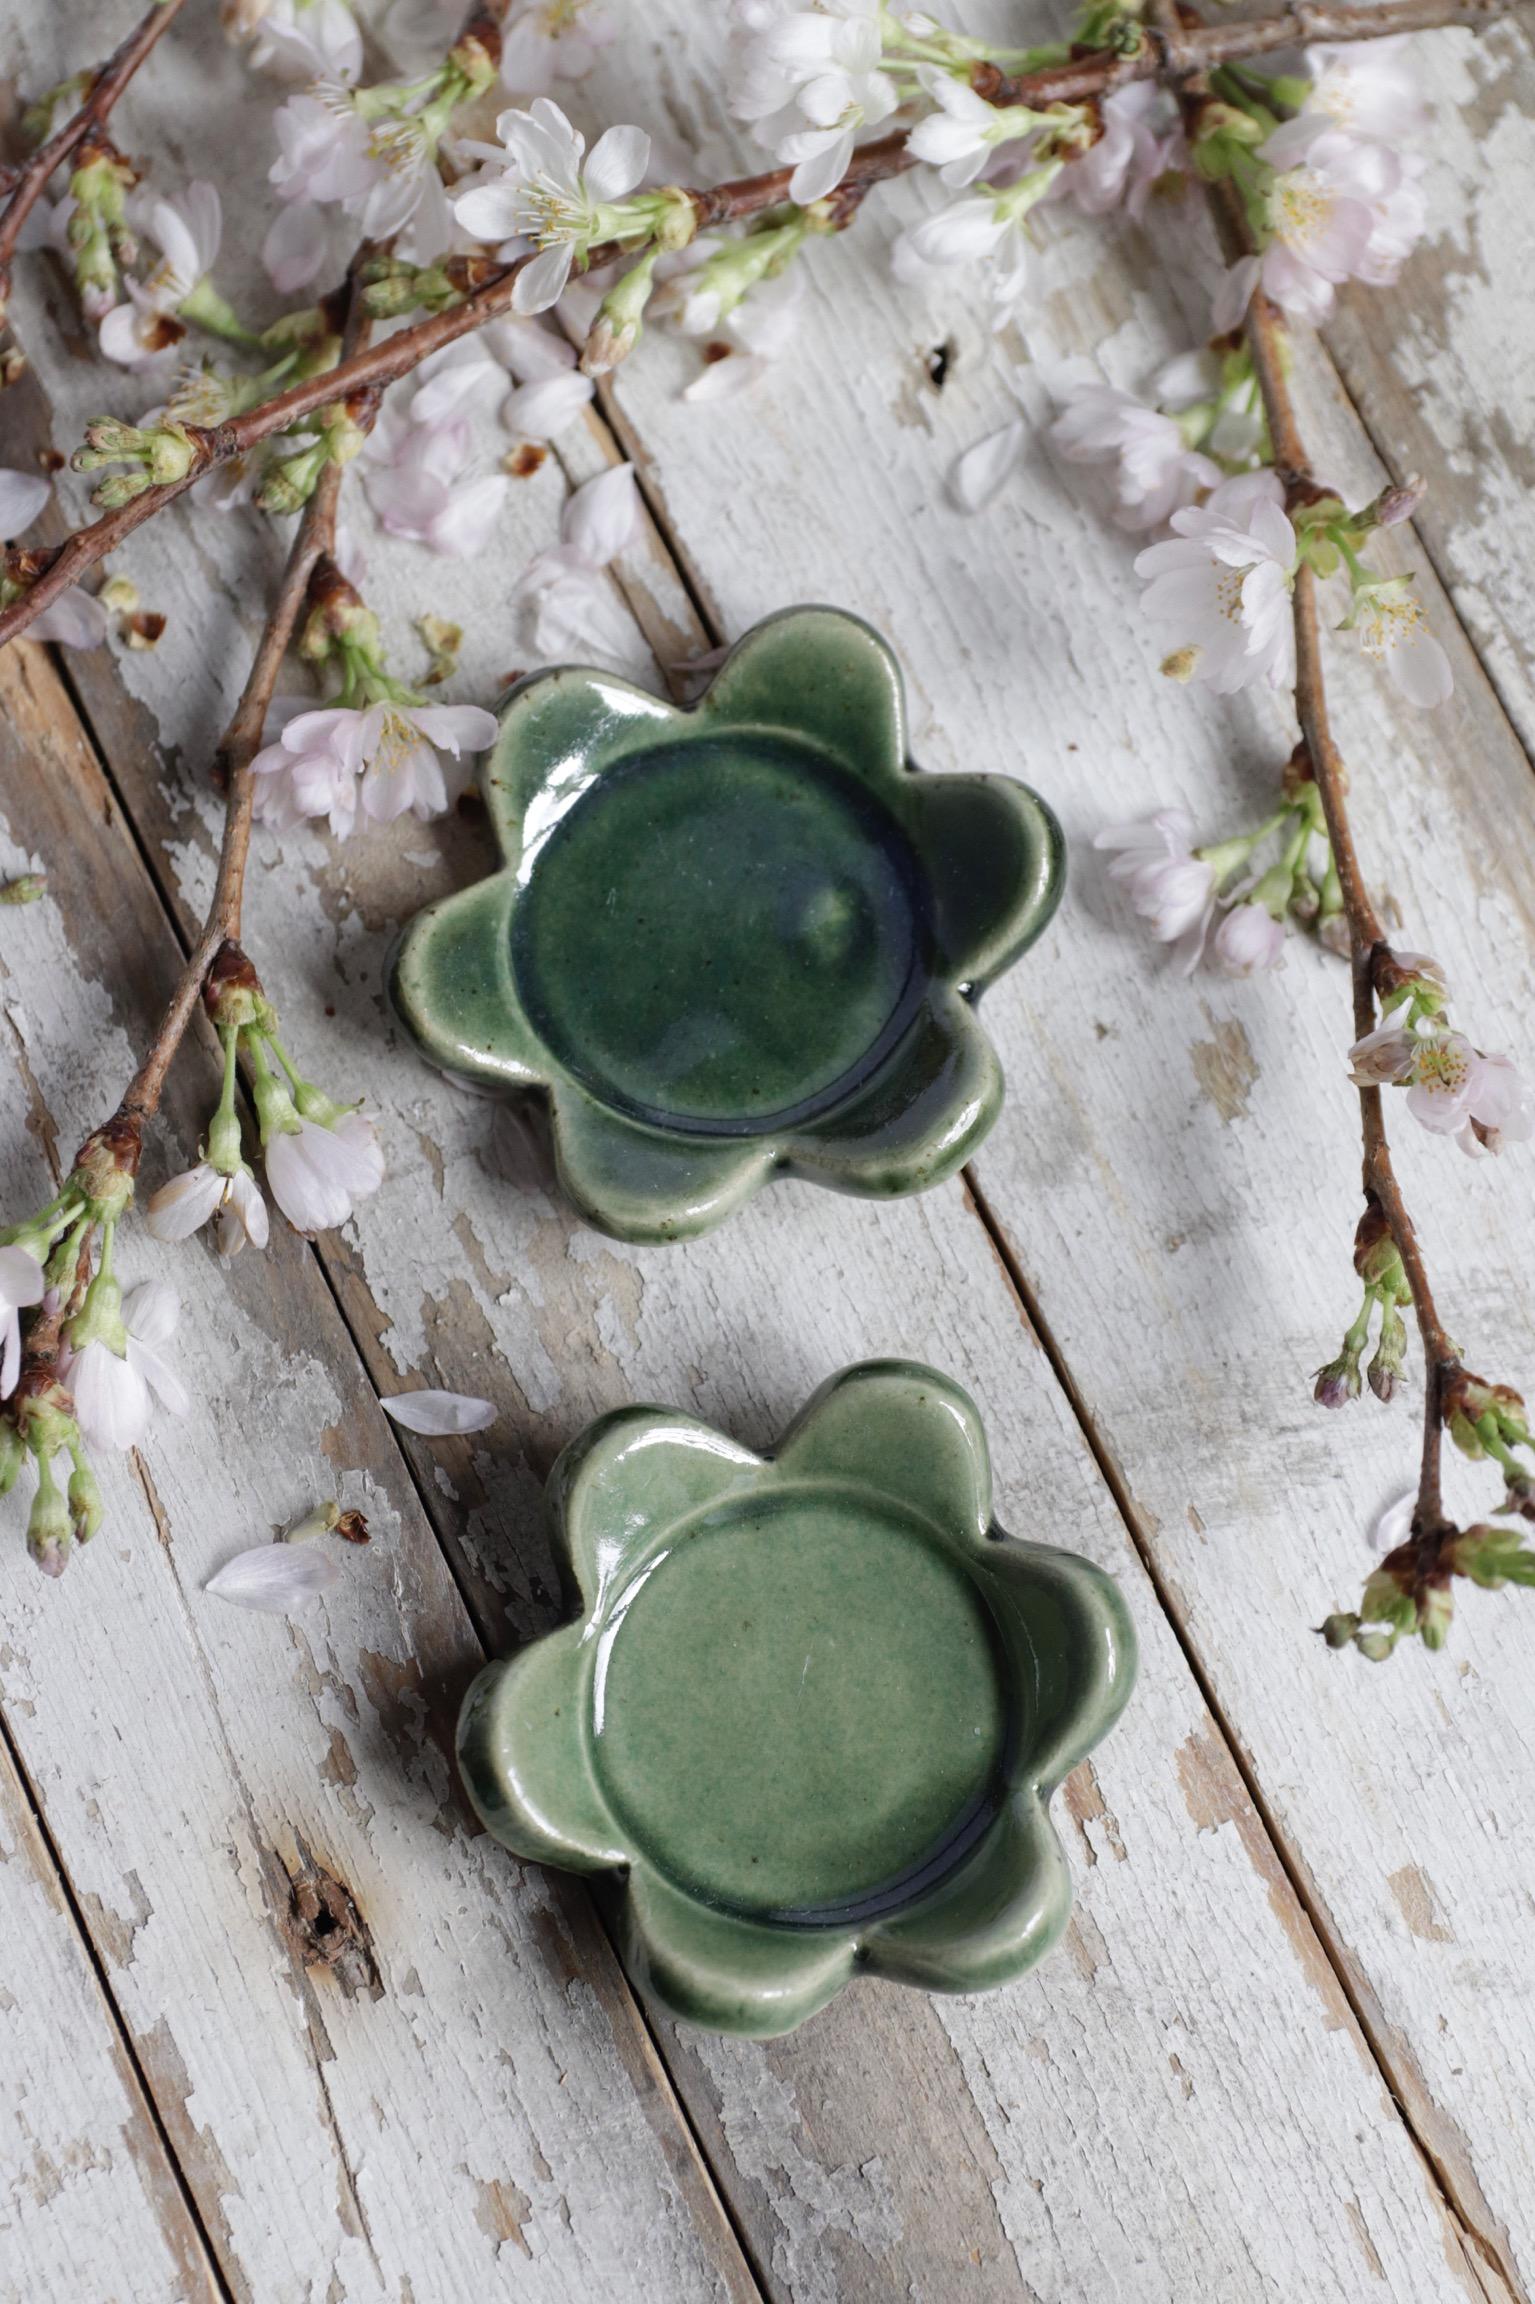 Blomskål - lavalera